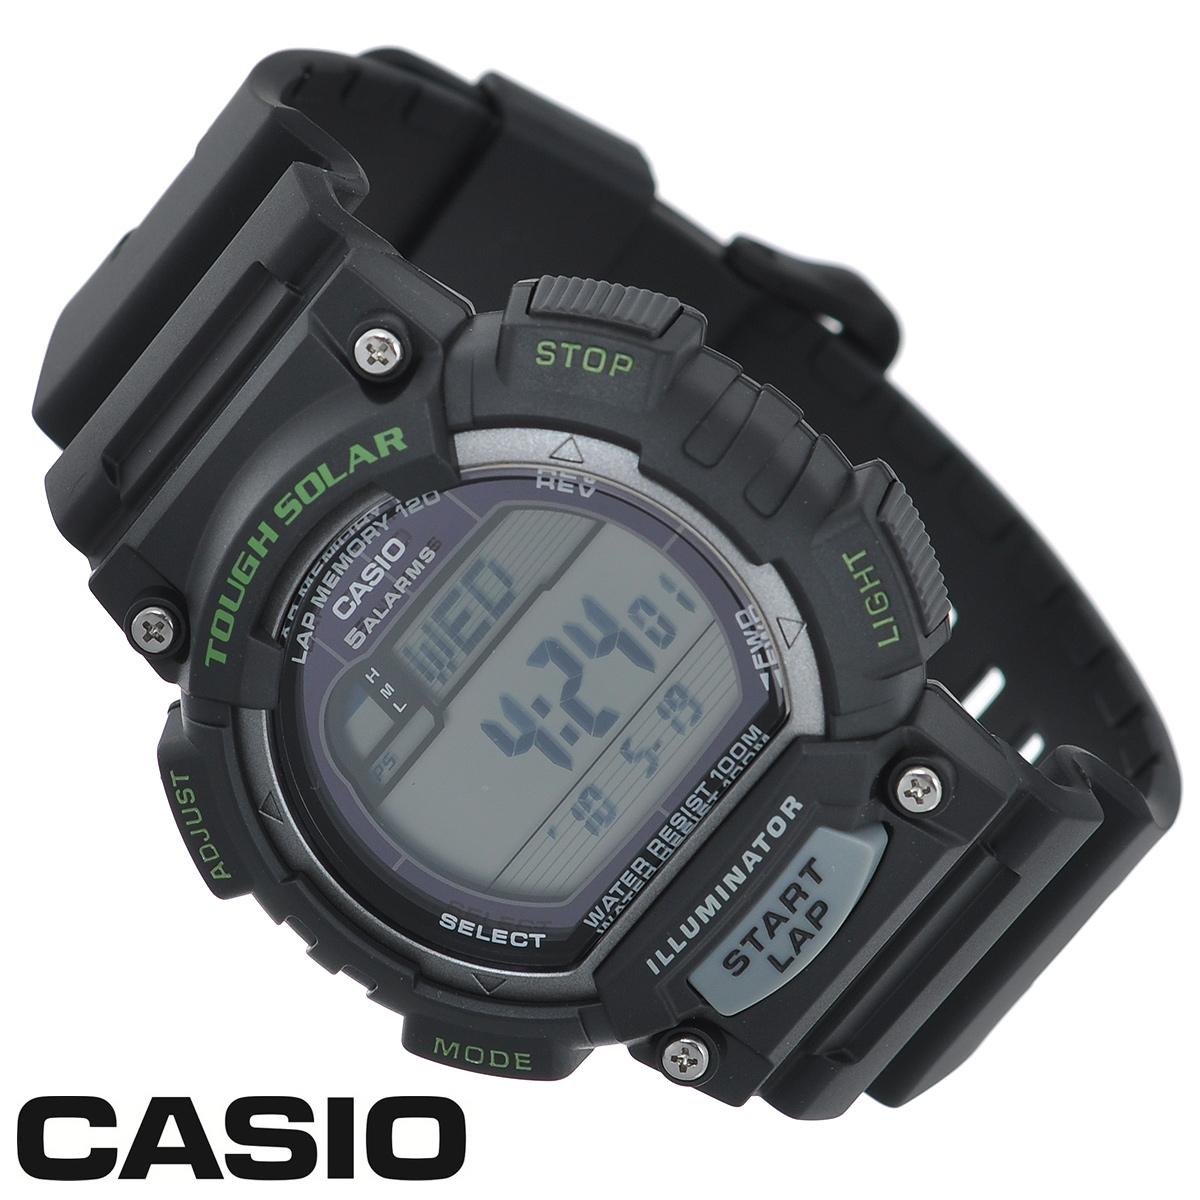 Часы мужские наручные Casio, цвет: черный, серый. STL-S100H-1ASTL-S100H-1AСтильные электронно-механические часы от японского брэнда Casio - это яркий функциональный аксессуар для современных людей, которые стремятся выделиться из толпы и подчеркнуть свою индивидуальность. Часы выполнены в спортивном стиле. Часы оснащены японским кварцевым механизмом. Корпус и ремешок часов изготовлены из пластика. ЖК-дисплей с LED-подсветкой защищен пластиковым стеклом. Ремешок имеет классическую застежку. Основные функции: - индикатор заряда батареи; - функция автоматического сохранения энергии; - секундомер с точностью показаний 1/100с и временем измерения 1ч; - память на 120 этапов; - номер и лучшее время этапа; - два таймера обратного отсчета времени от 5 с до 100 мин с устанавливаемым количеством повторов от 1 до 10; - мировое время; - 12-ти и 24-х часовой формат времени; - функция отключения/включения звука. Питание часов...